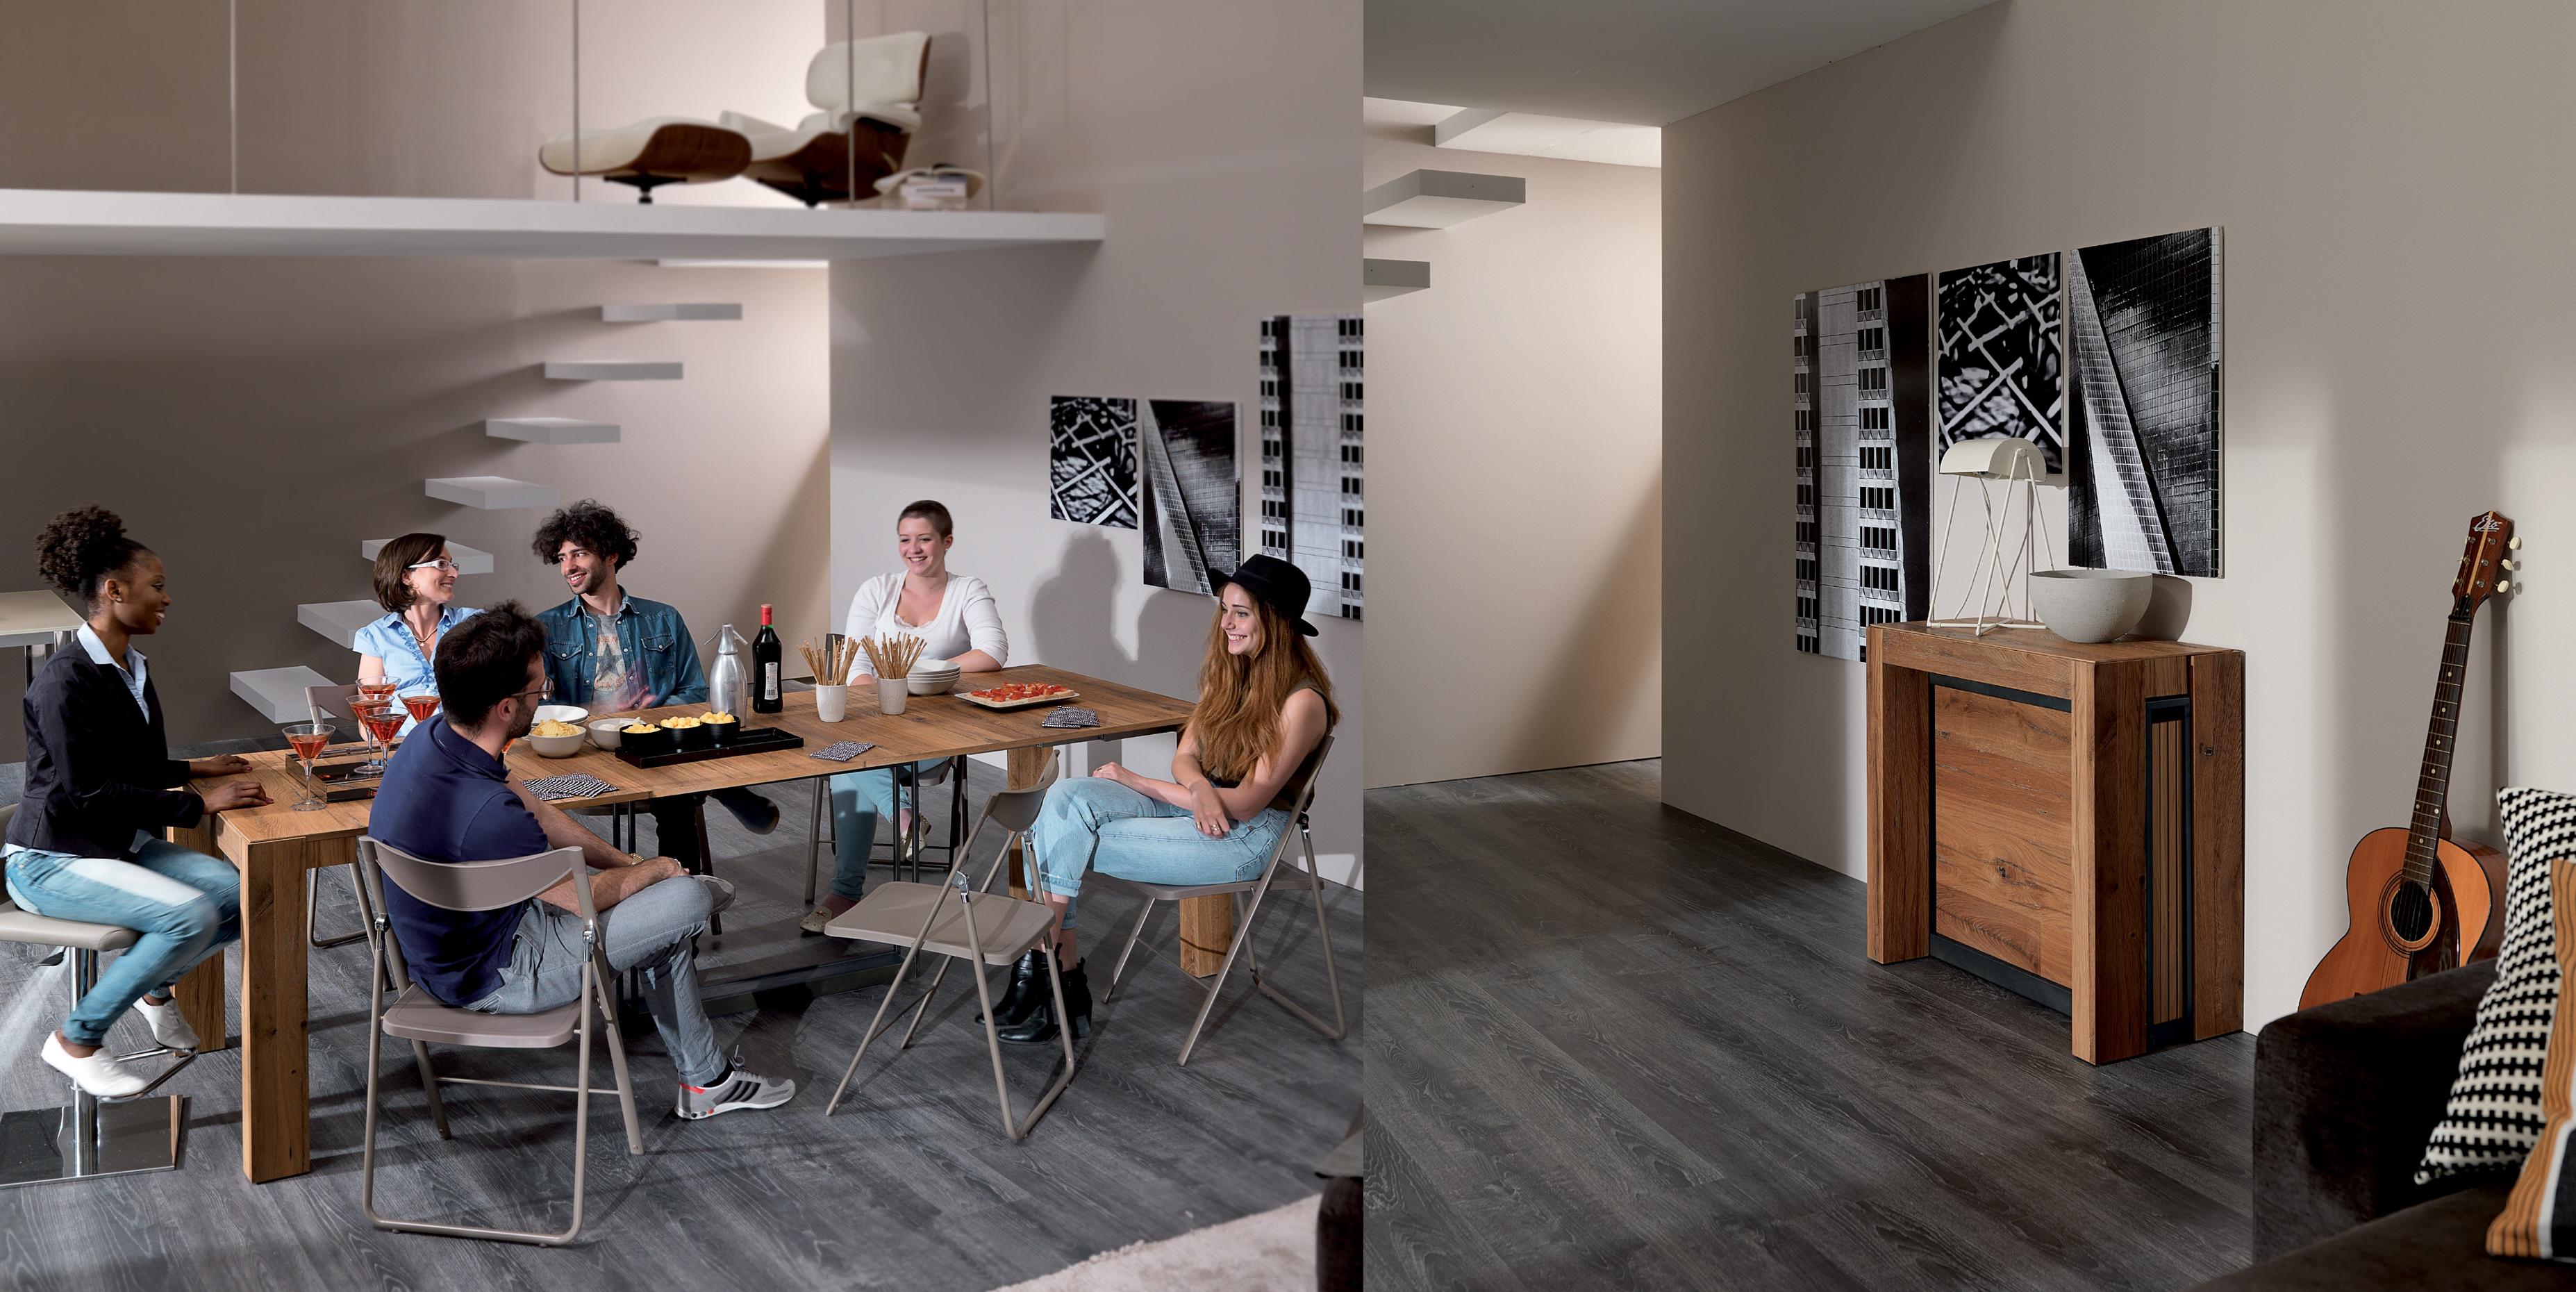 ביומיום: שידה צרה, כשבאים אורחים: פינת אוכל. באדיבות Milano smart living   (צילום: punto zero)